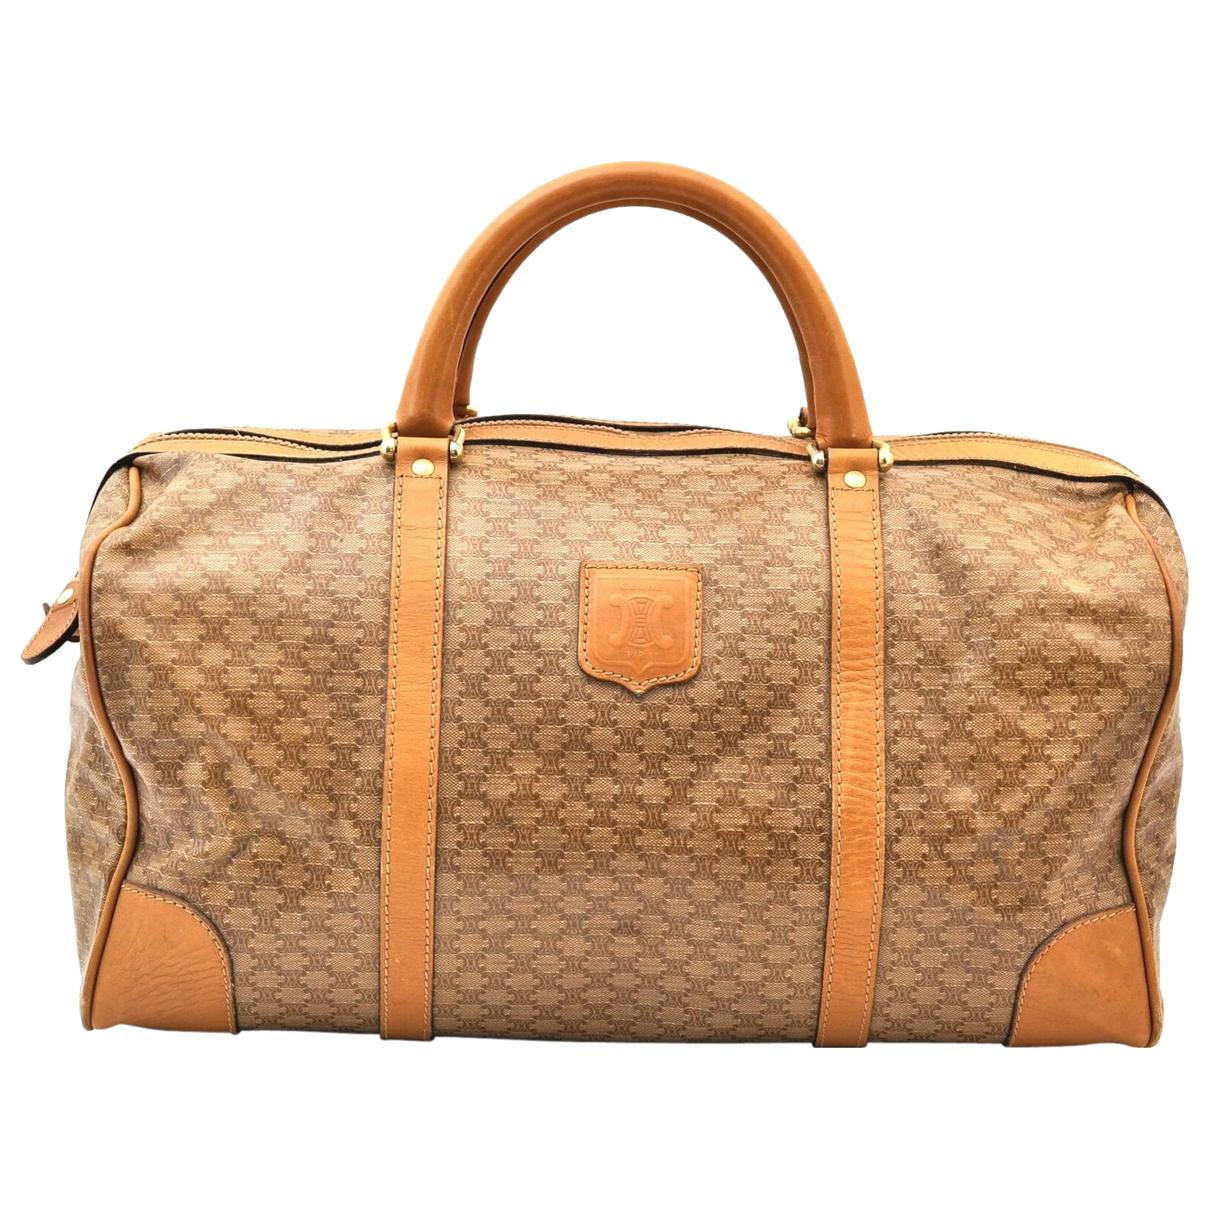 Celine - Sac de voyage   pour femme en cuir - beige